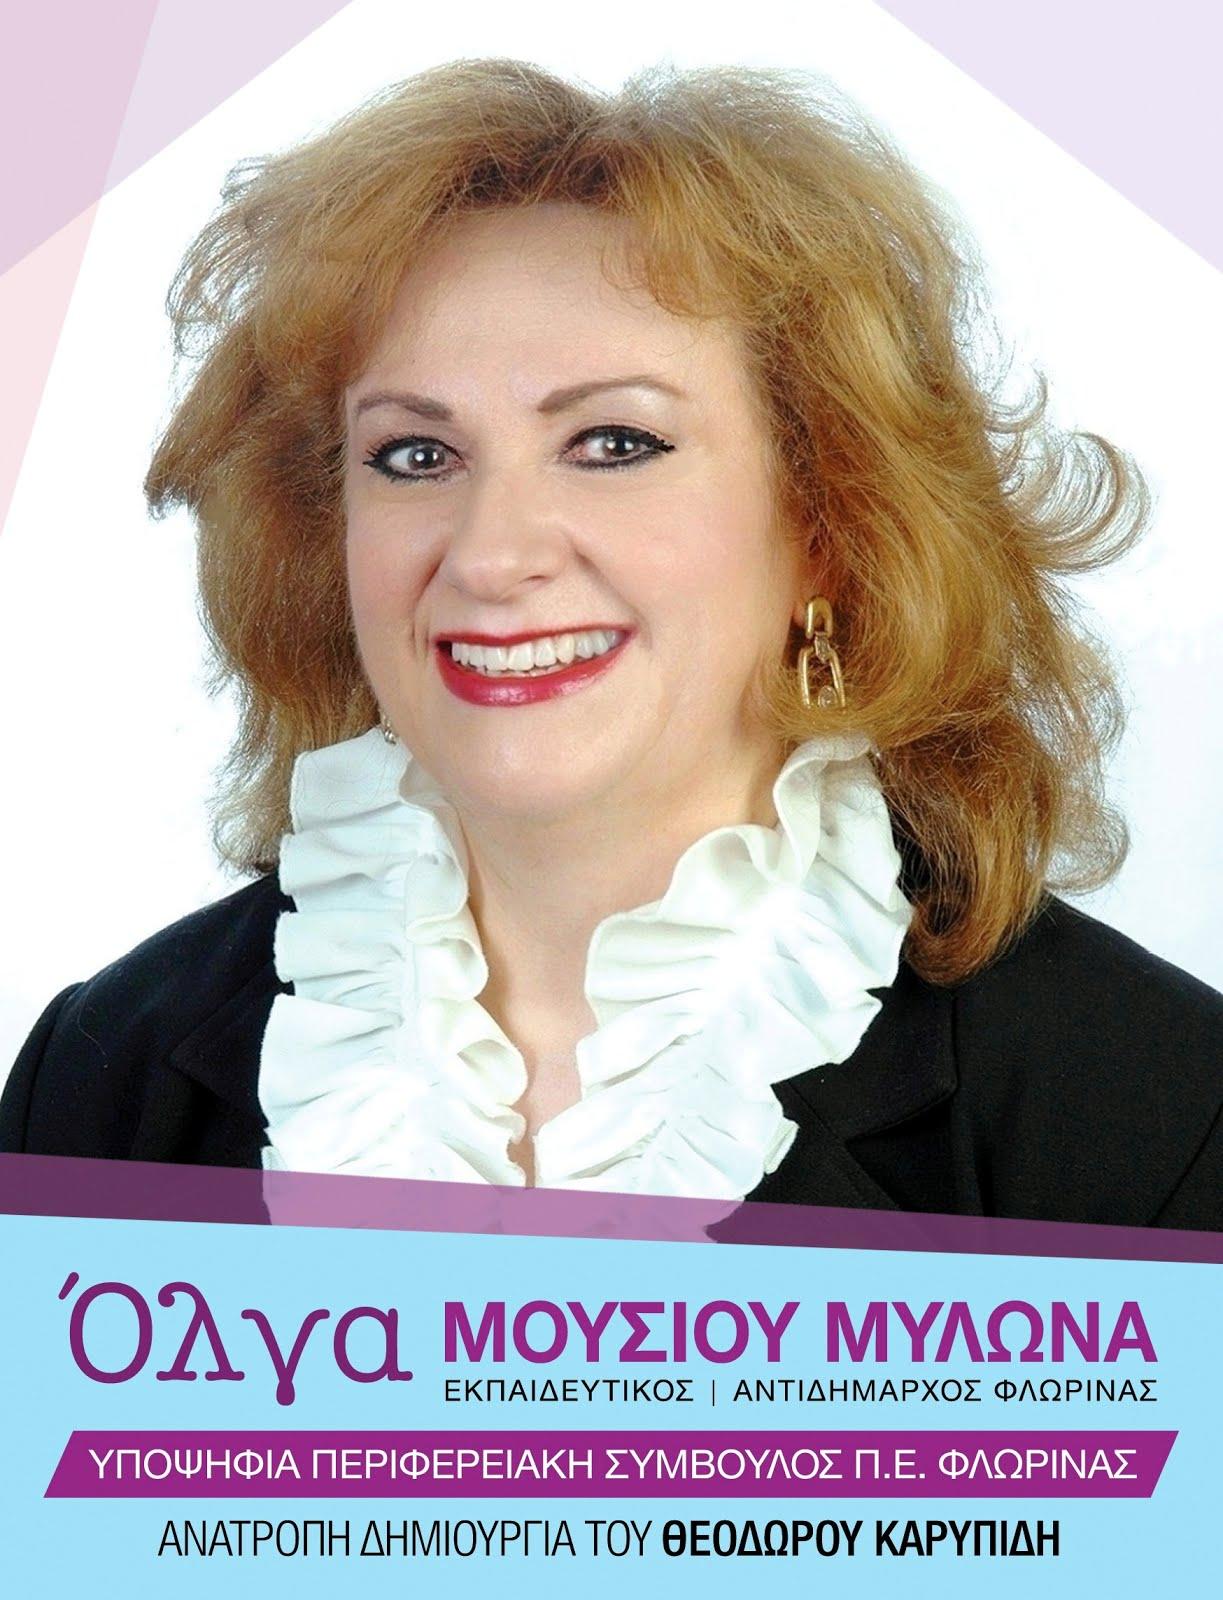 Όλγα Μούσιου Μυλωνά - Υποψήφια Περιφερειακή Σύμβουλος Π.Ε. Φλώρινας